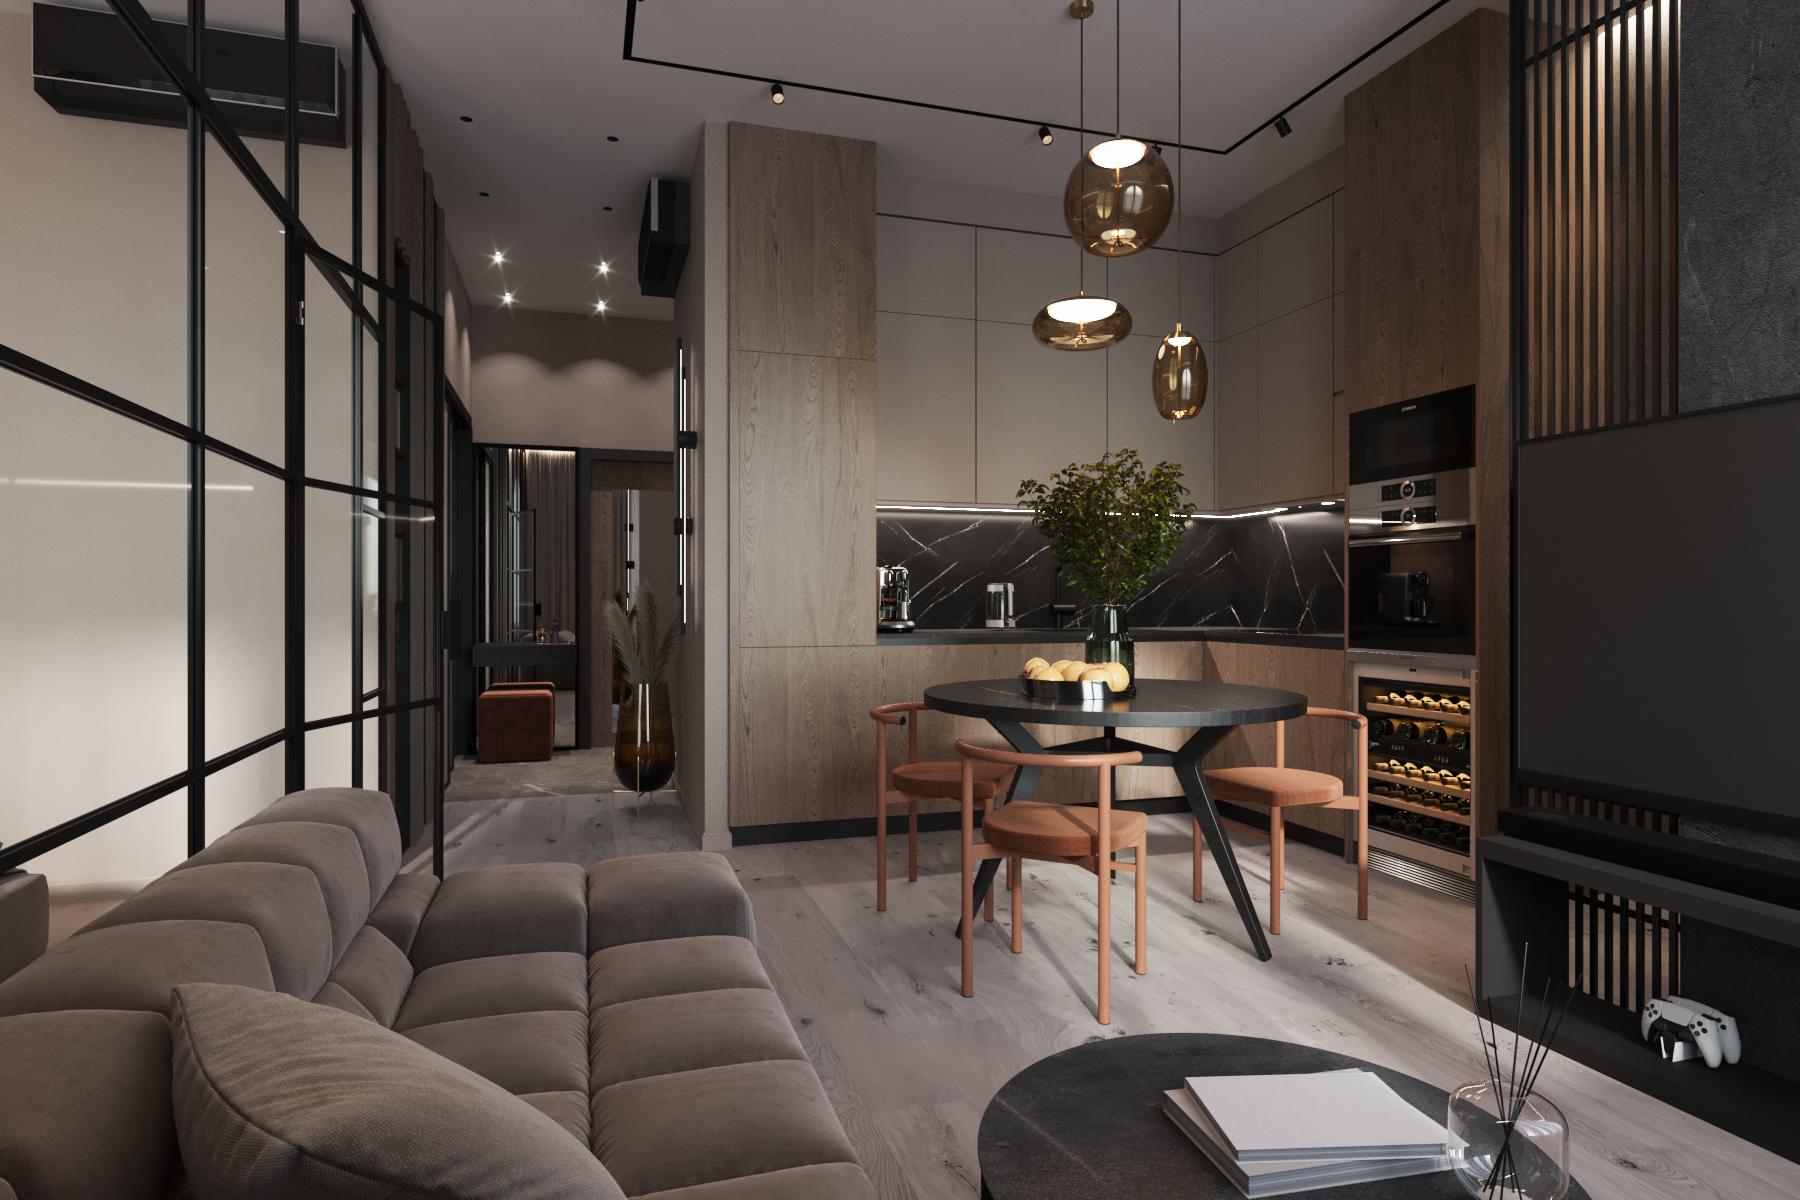 На 50 м2 уместилось: кухня совмещенная с гостиной, рабочая зона за ТВ, спальня, гардеробная, ванная и уютная прихожая